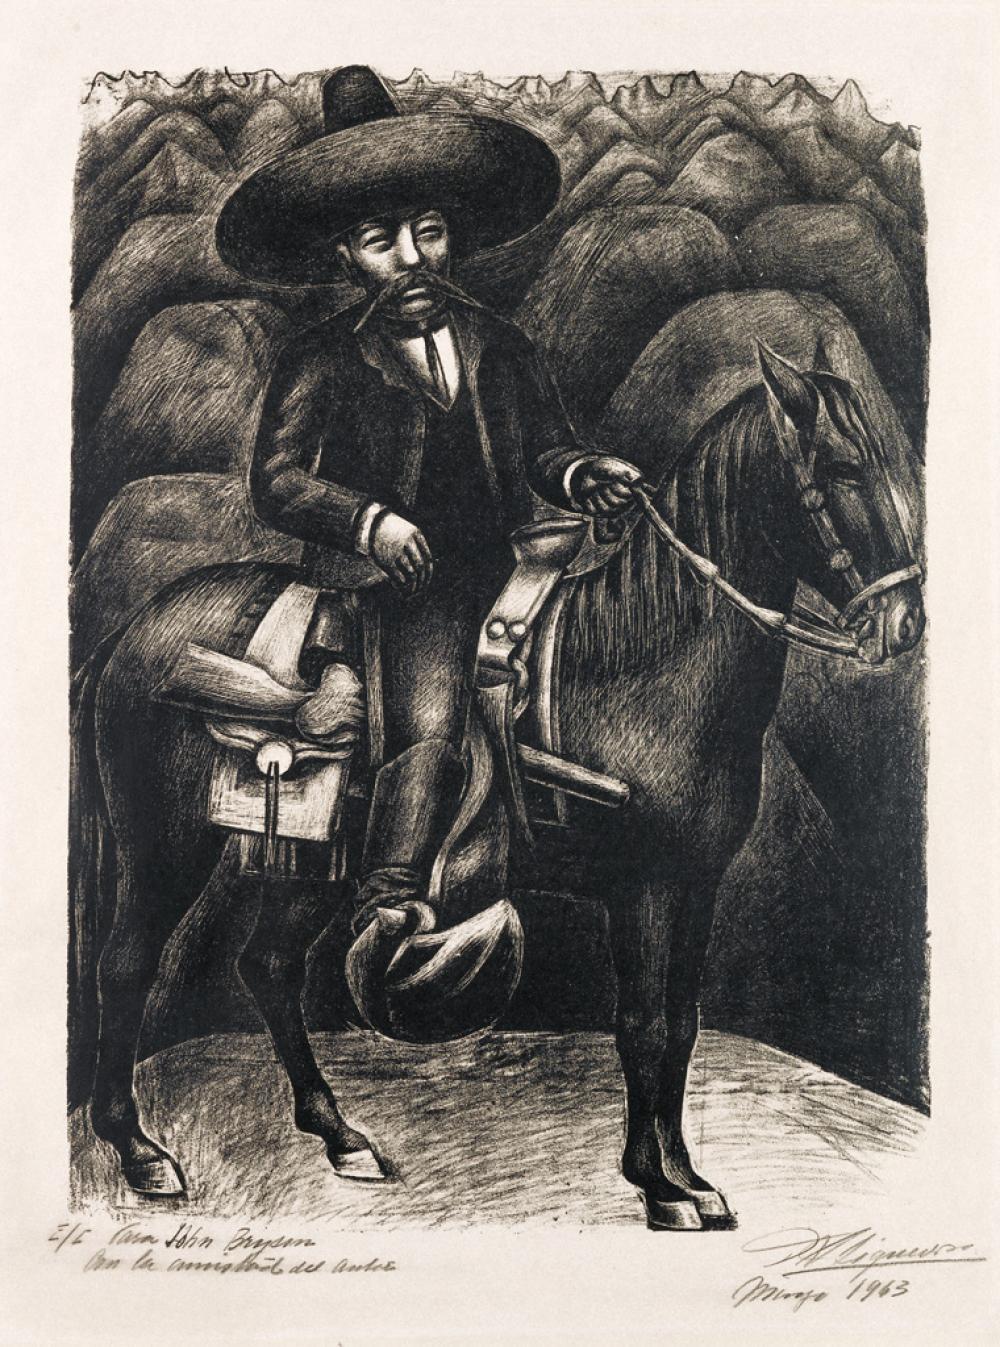 DAVID A. SIQUEIROS Zapata.